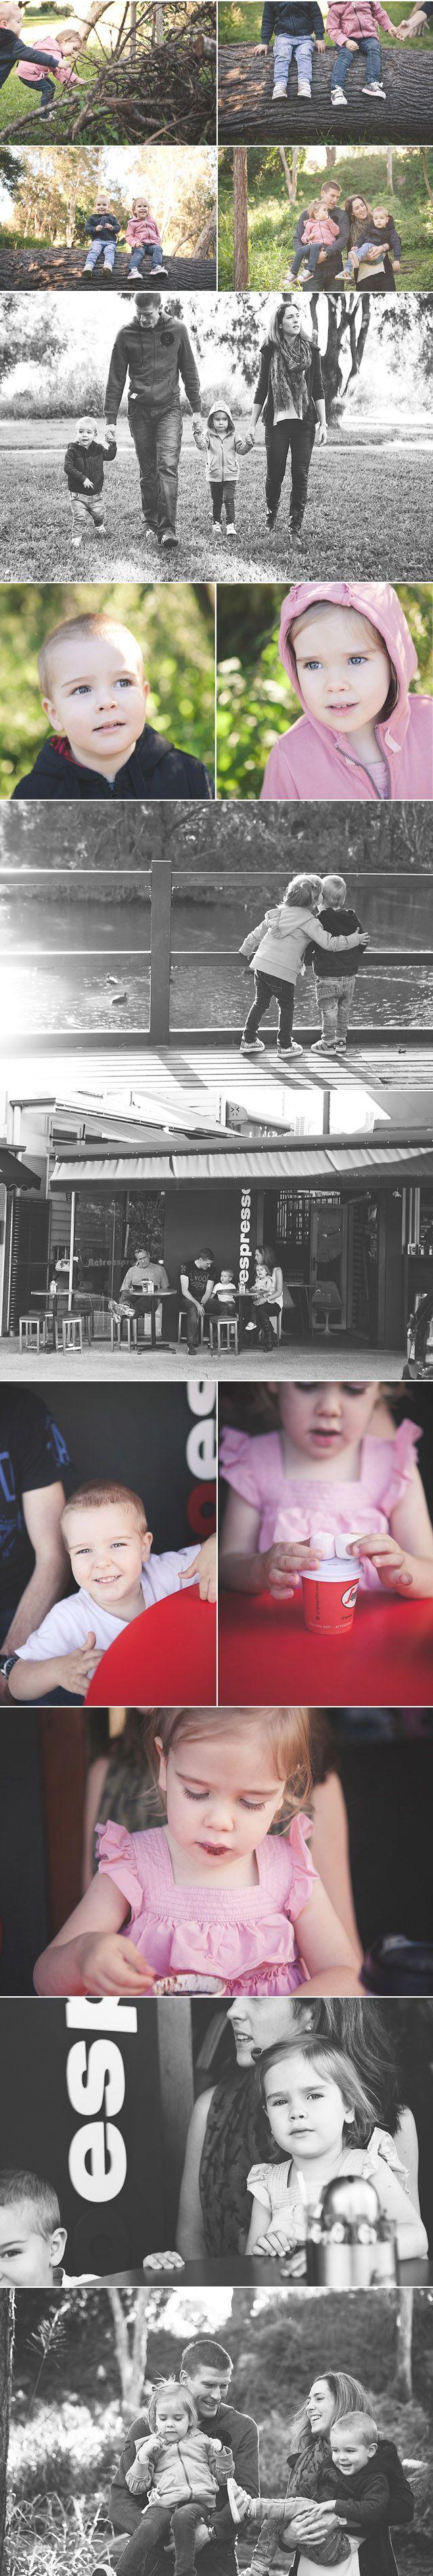 Maddie Etta Photography North Brisbane Portait, Stories, Mentoring